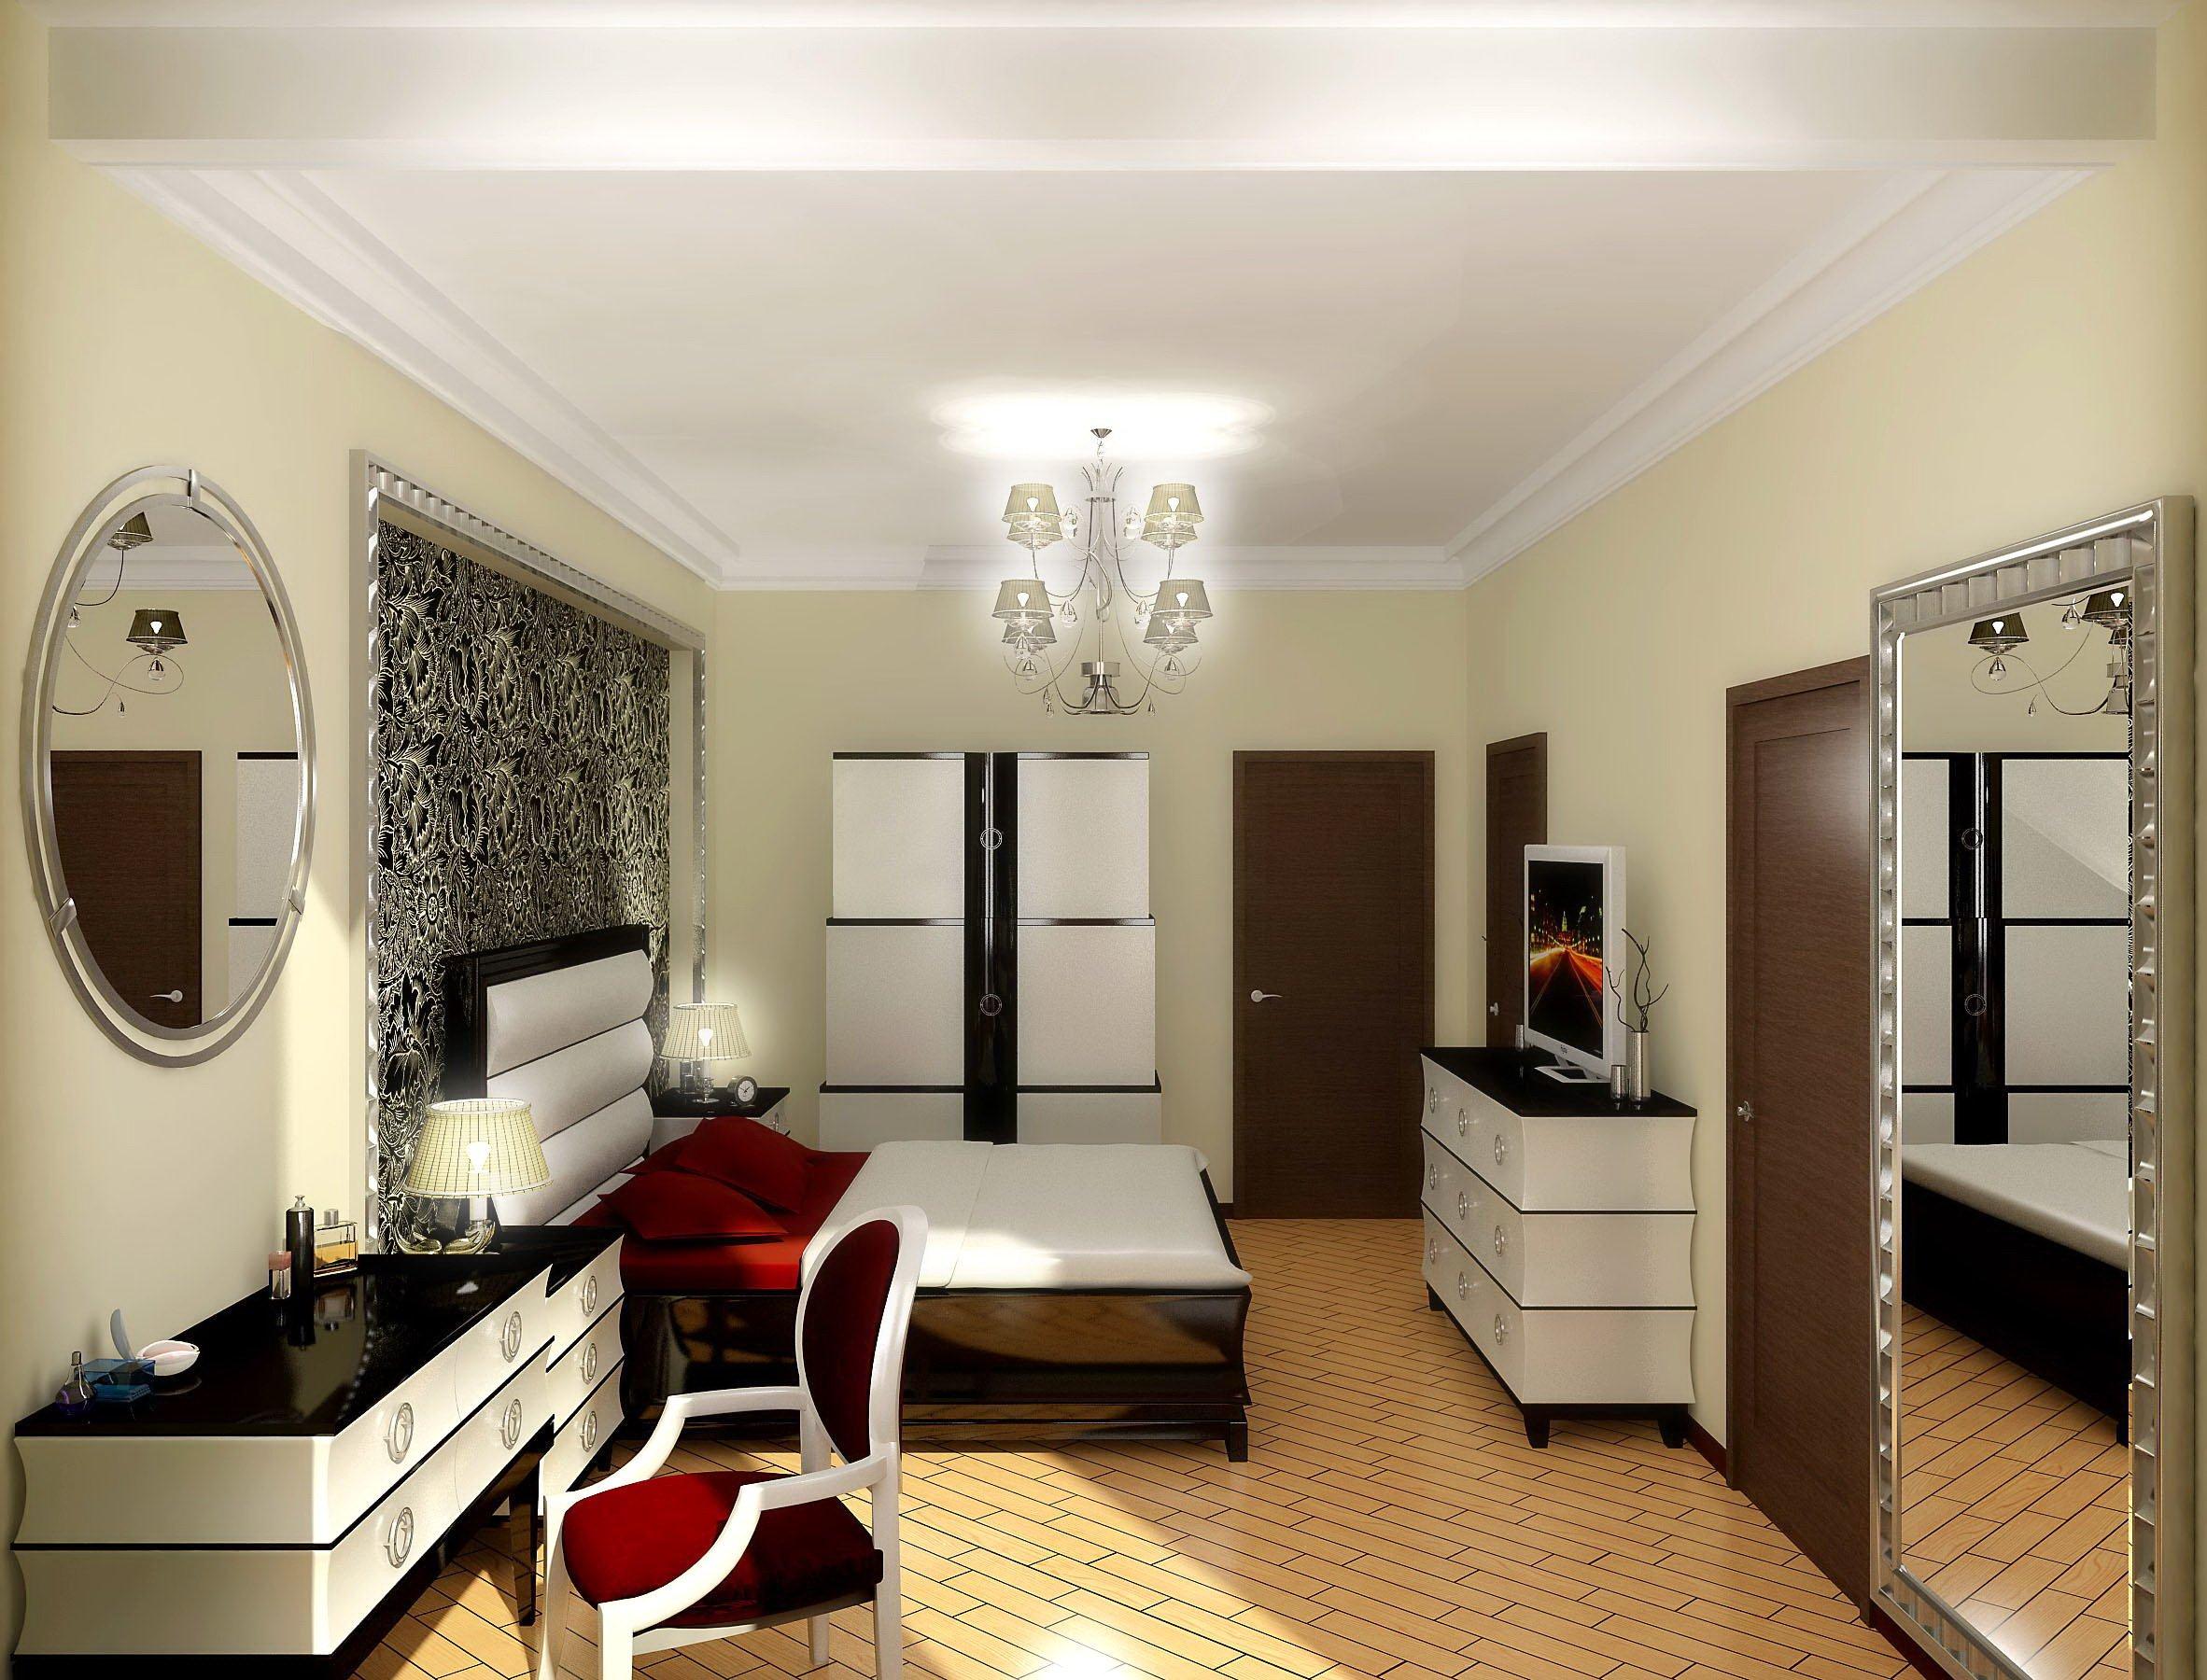 Apartment Condominium Condo Interior Design Room House Home Furniture  Wallpaper | 2364x1800 | 590006 | WallpaperUP